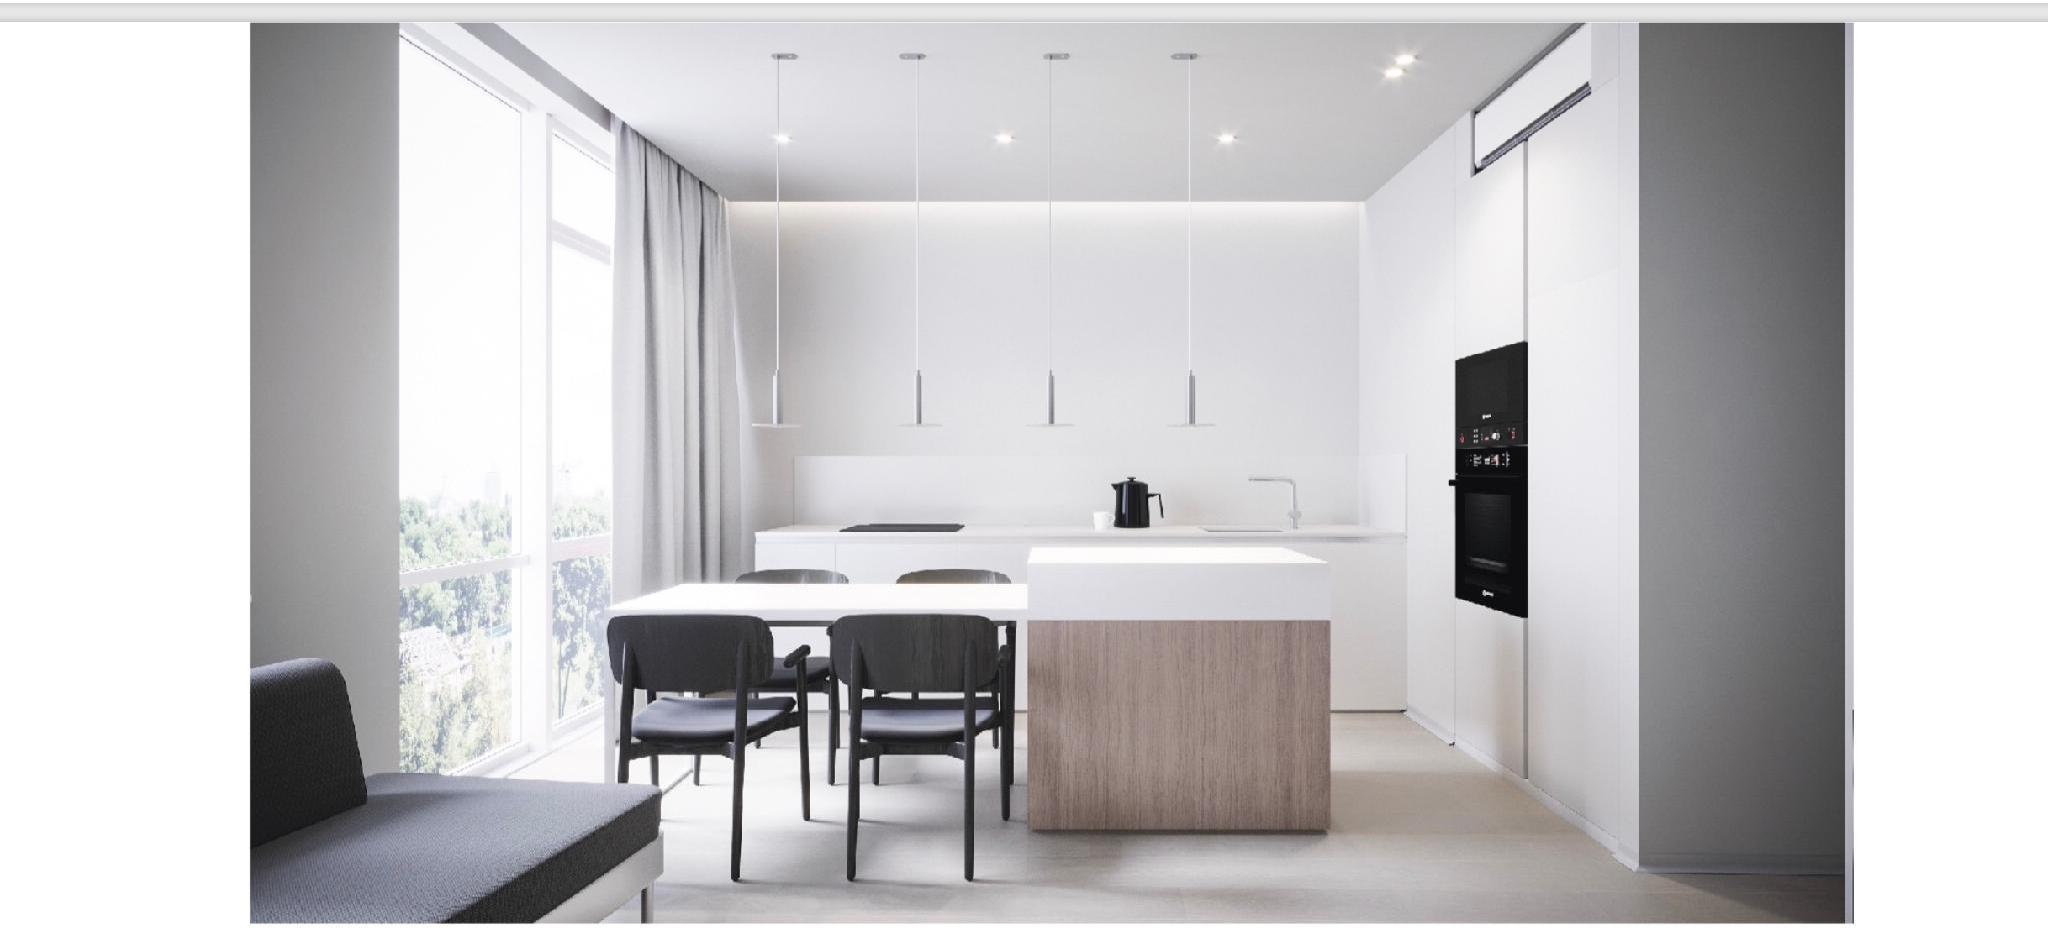 Unik Design Apartment